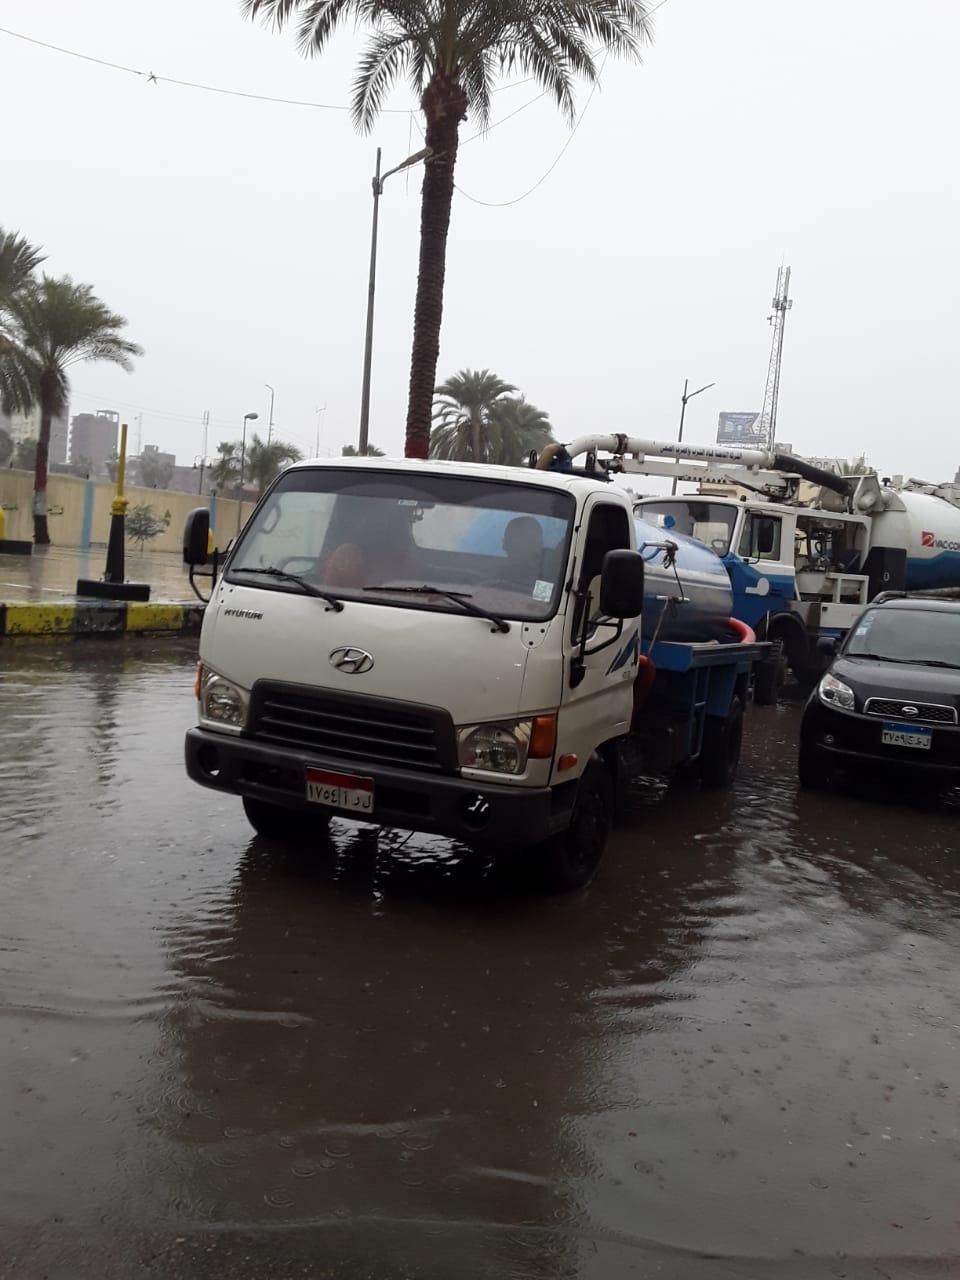 دفع سيارات شفط إضافية بكفر الشيخ والإسكندرية لسرعة إزالة مياه الأمطار (4)